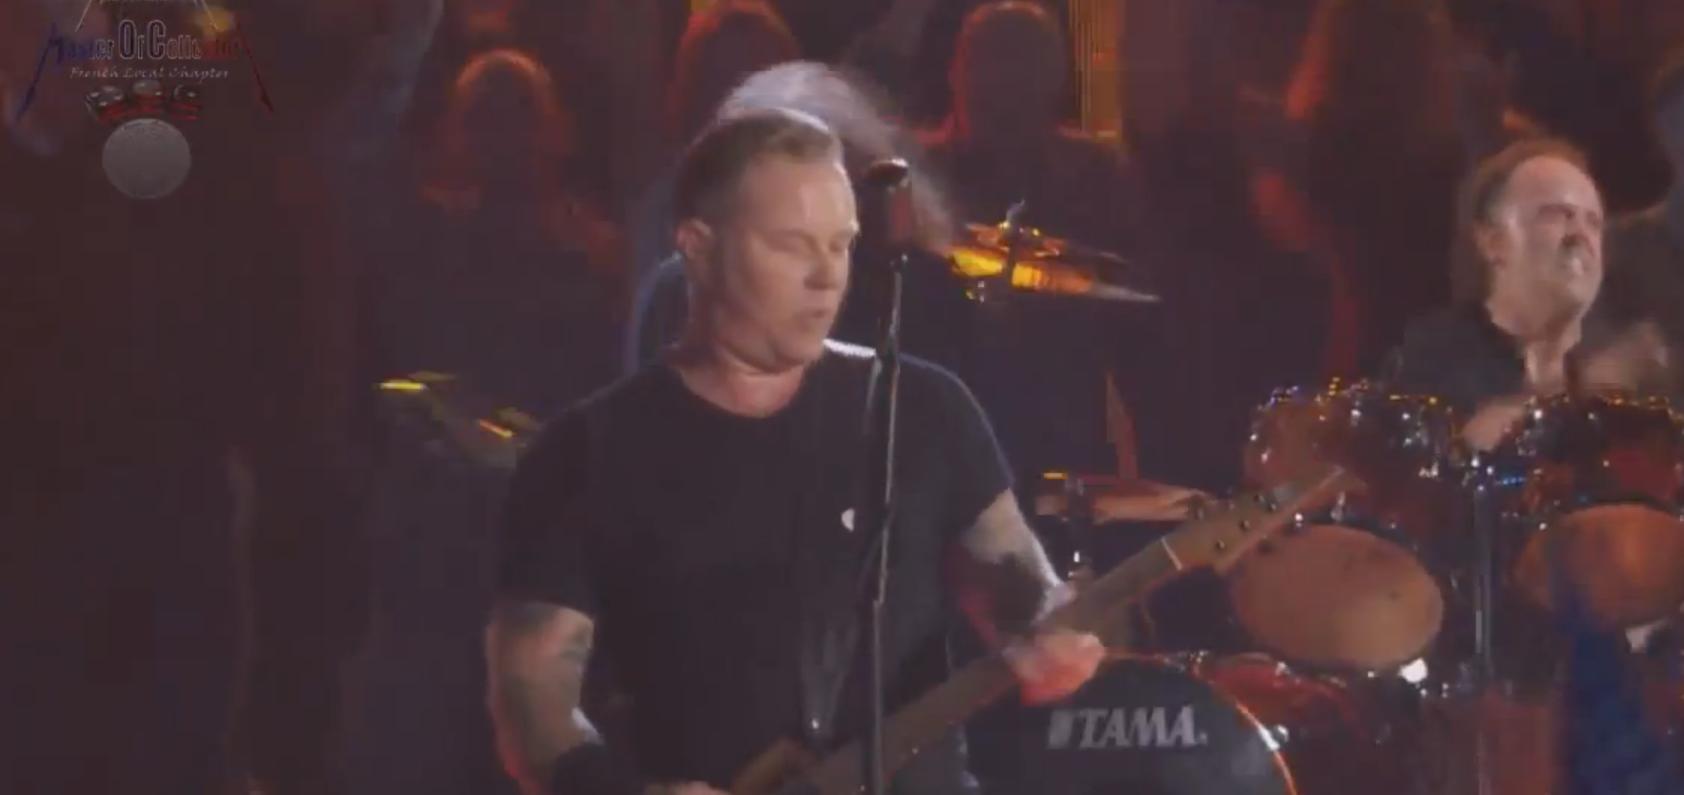 Πόσα νομίζεις ότι βγάζουν κάθε βράδυ της περιοδείας τους οι Metallica;